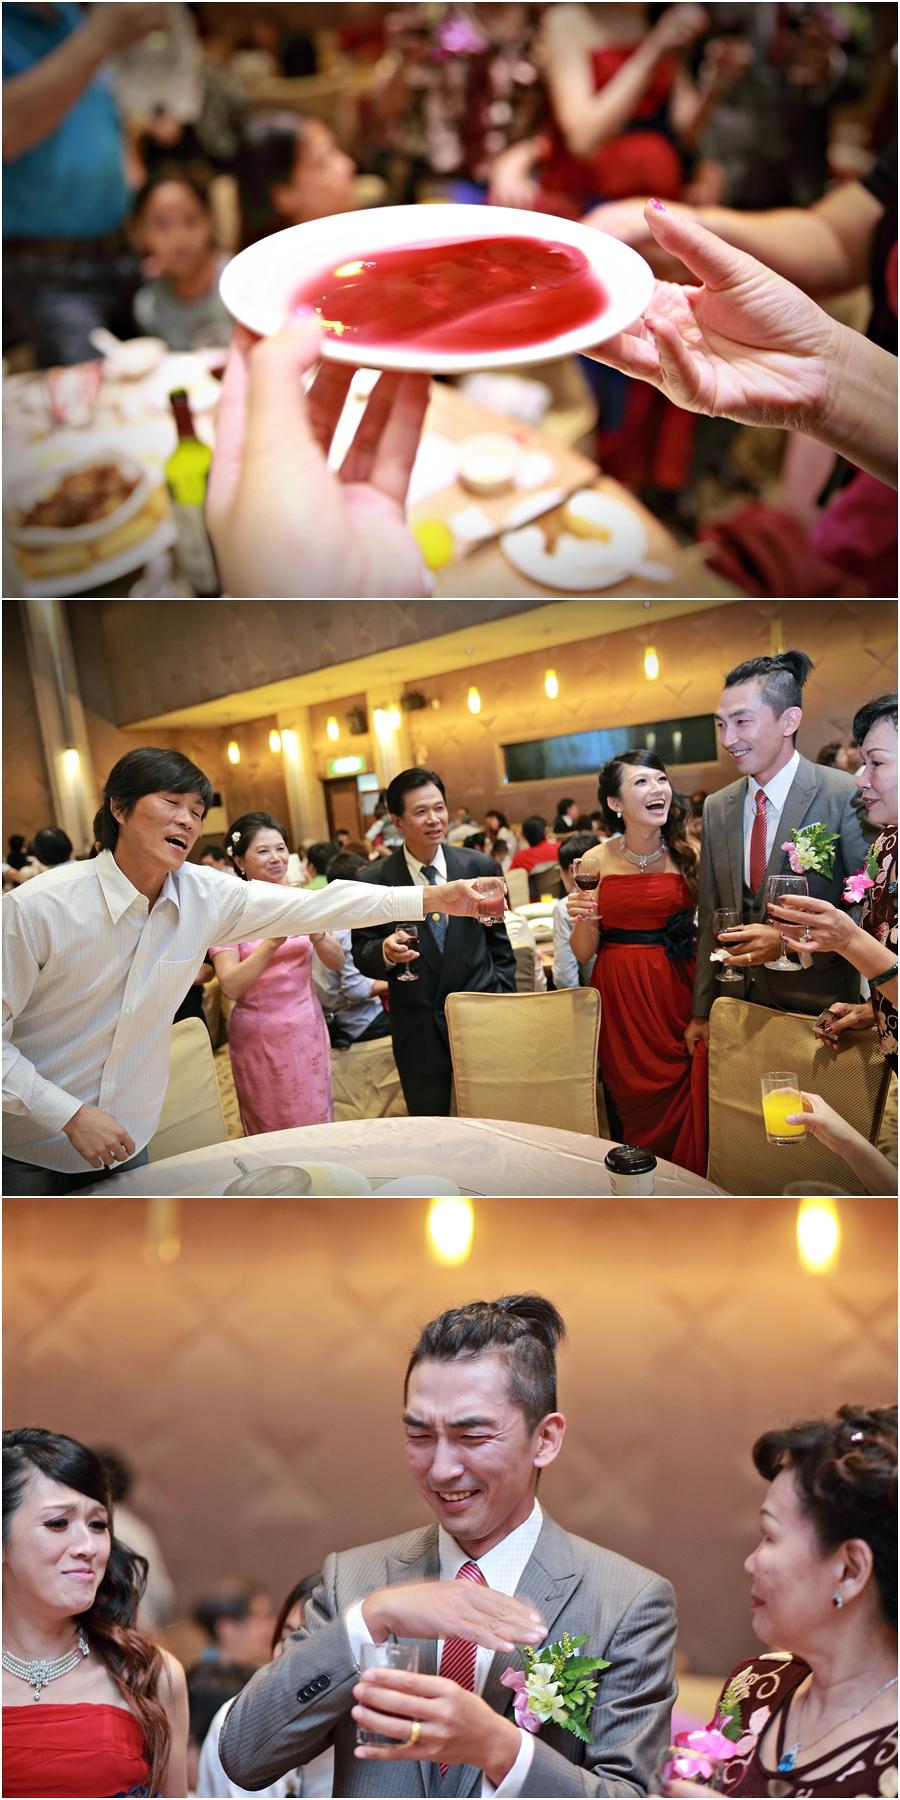 婚攝推薦,婚攝,婚禮記錄,搖滾雙魚,台北徐州路二號